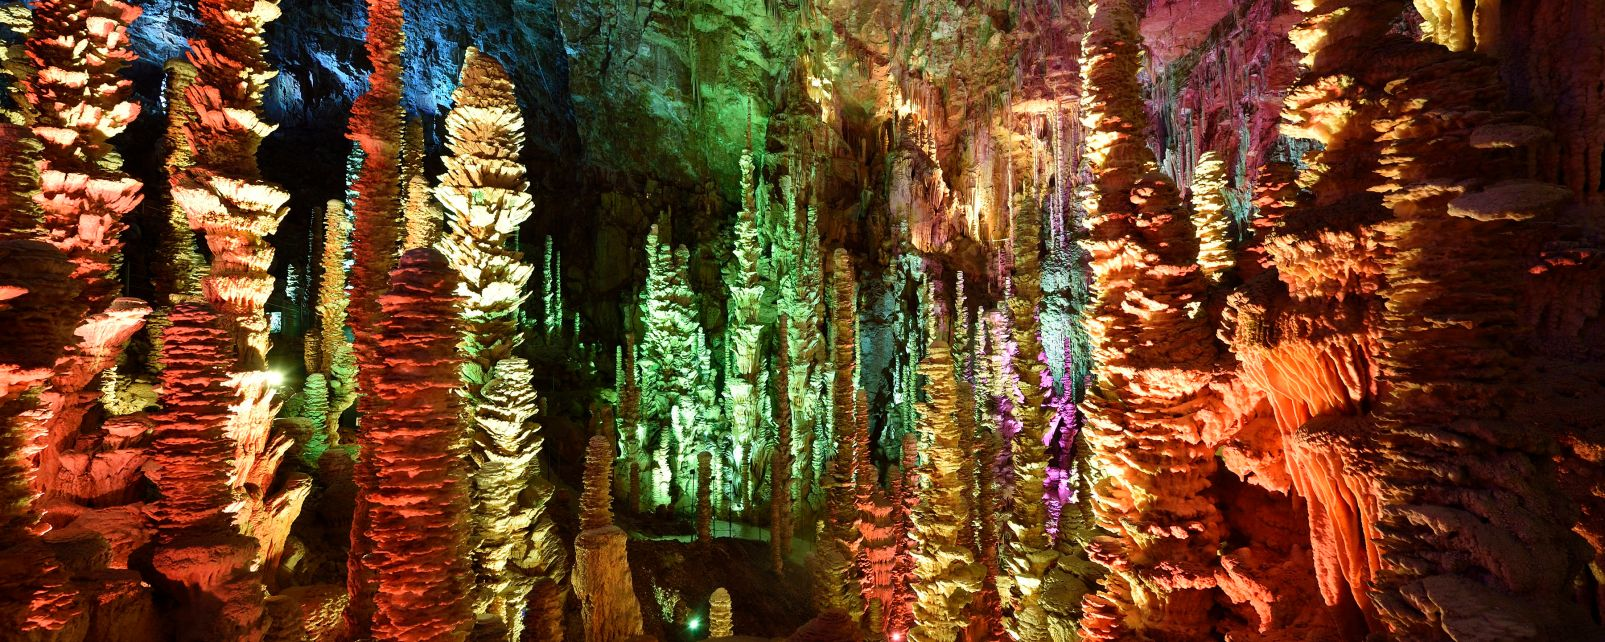 Les monuments, Aven Armand, unesco, grotte, languedoc-roussillon, france, Europe, causse, méjean, meyrueis, lozère